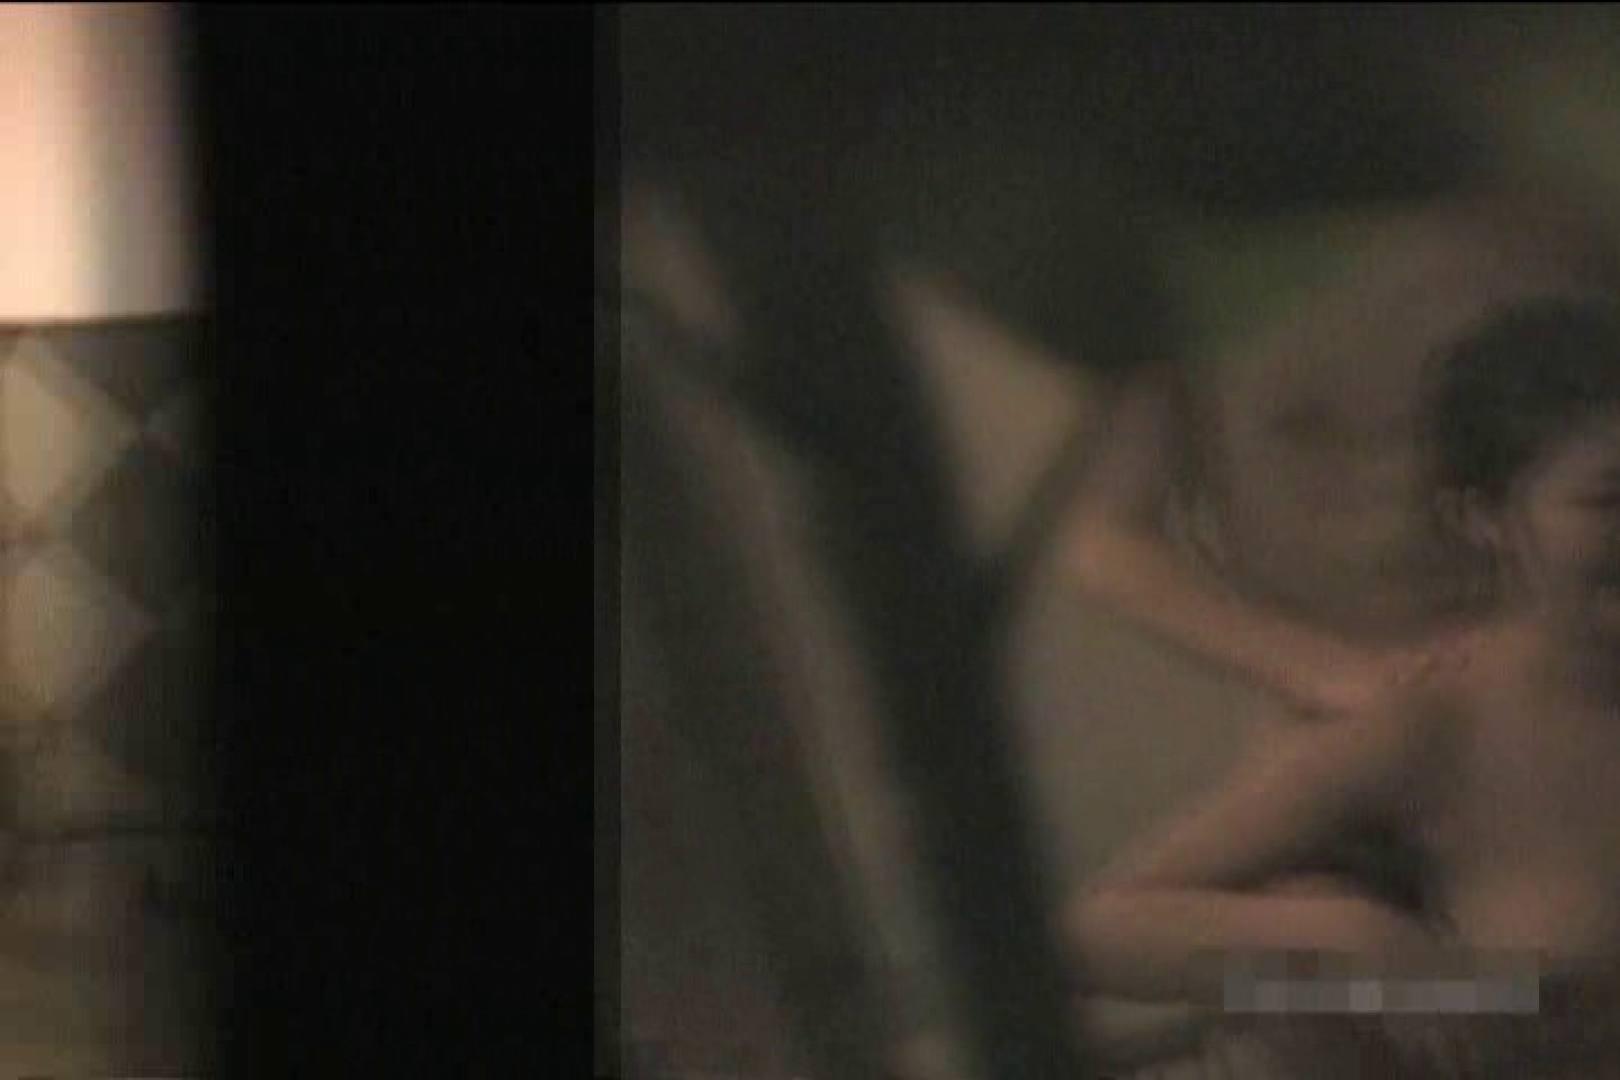 全裸で発情!!家族風呂の実態Vol.1 濃厚セックス 隠し撮りオマンコ動画紹介 78PICs 28